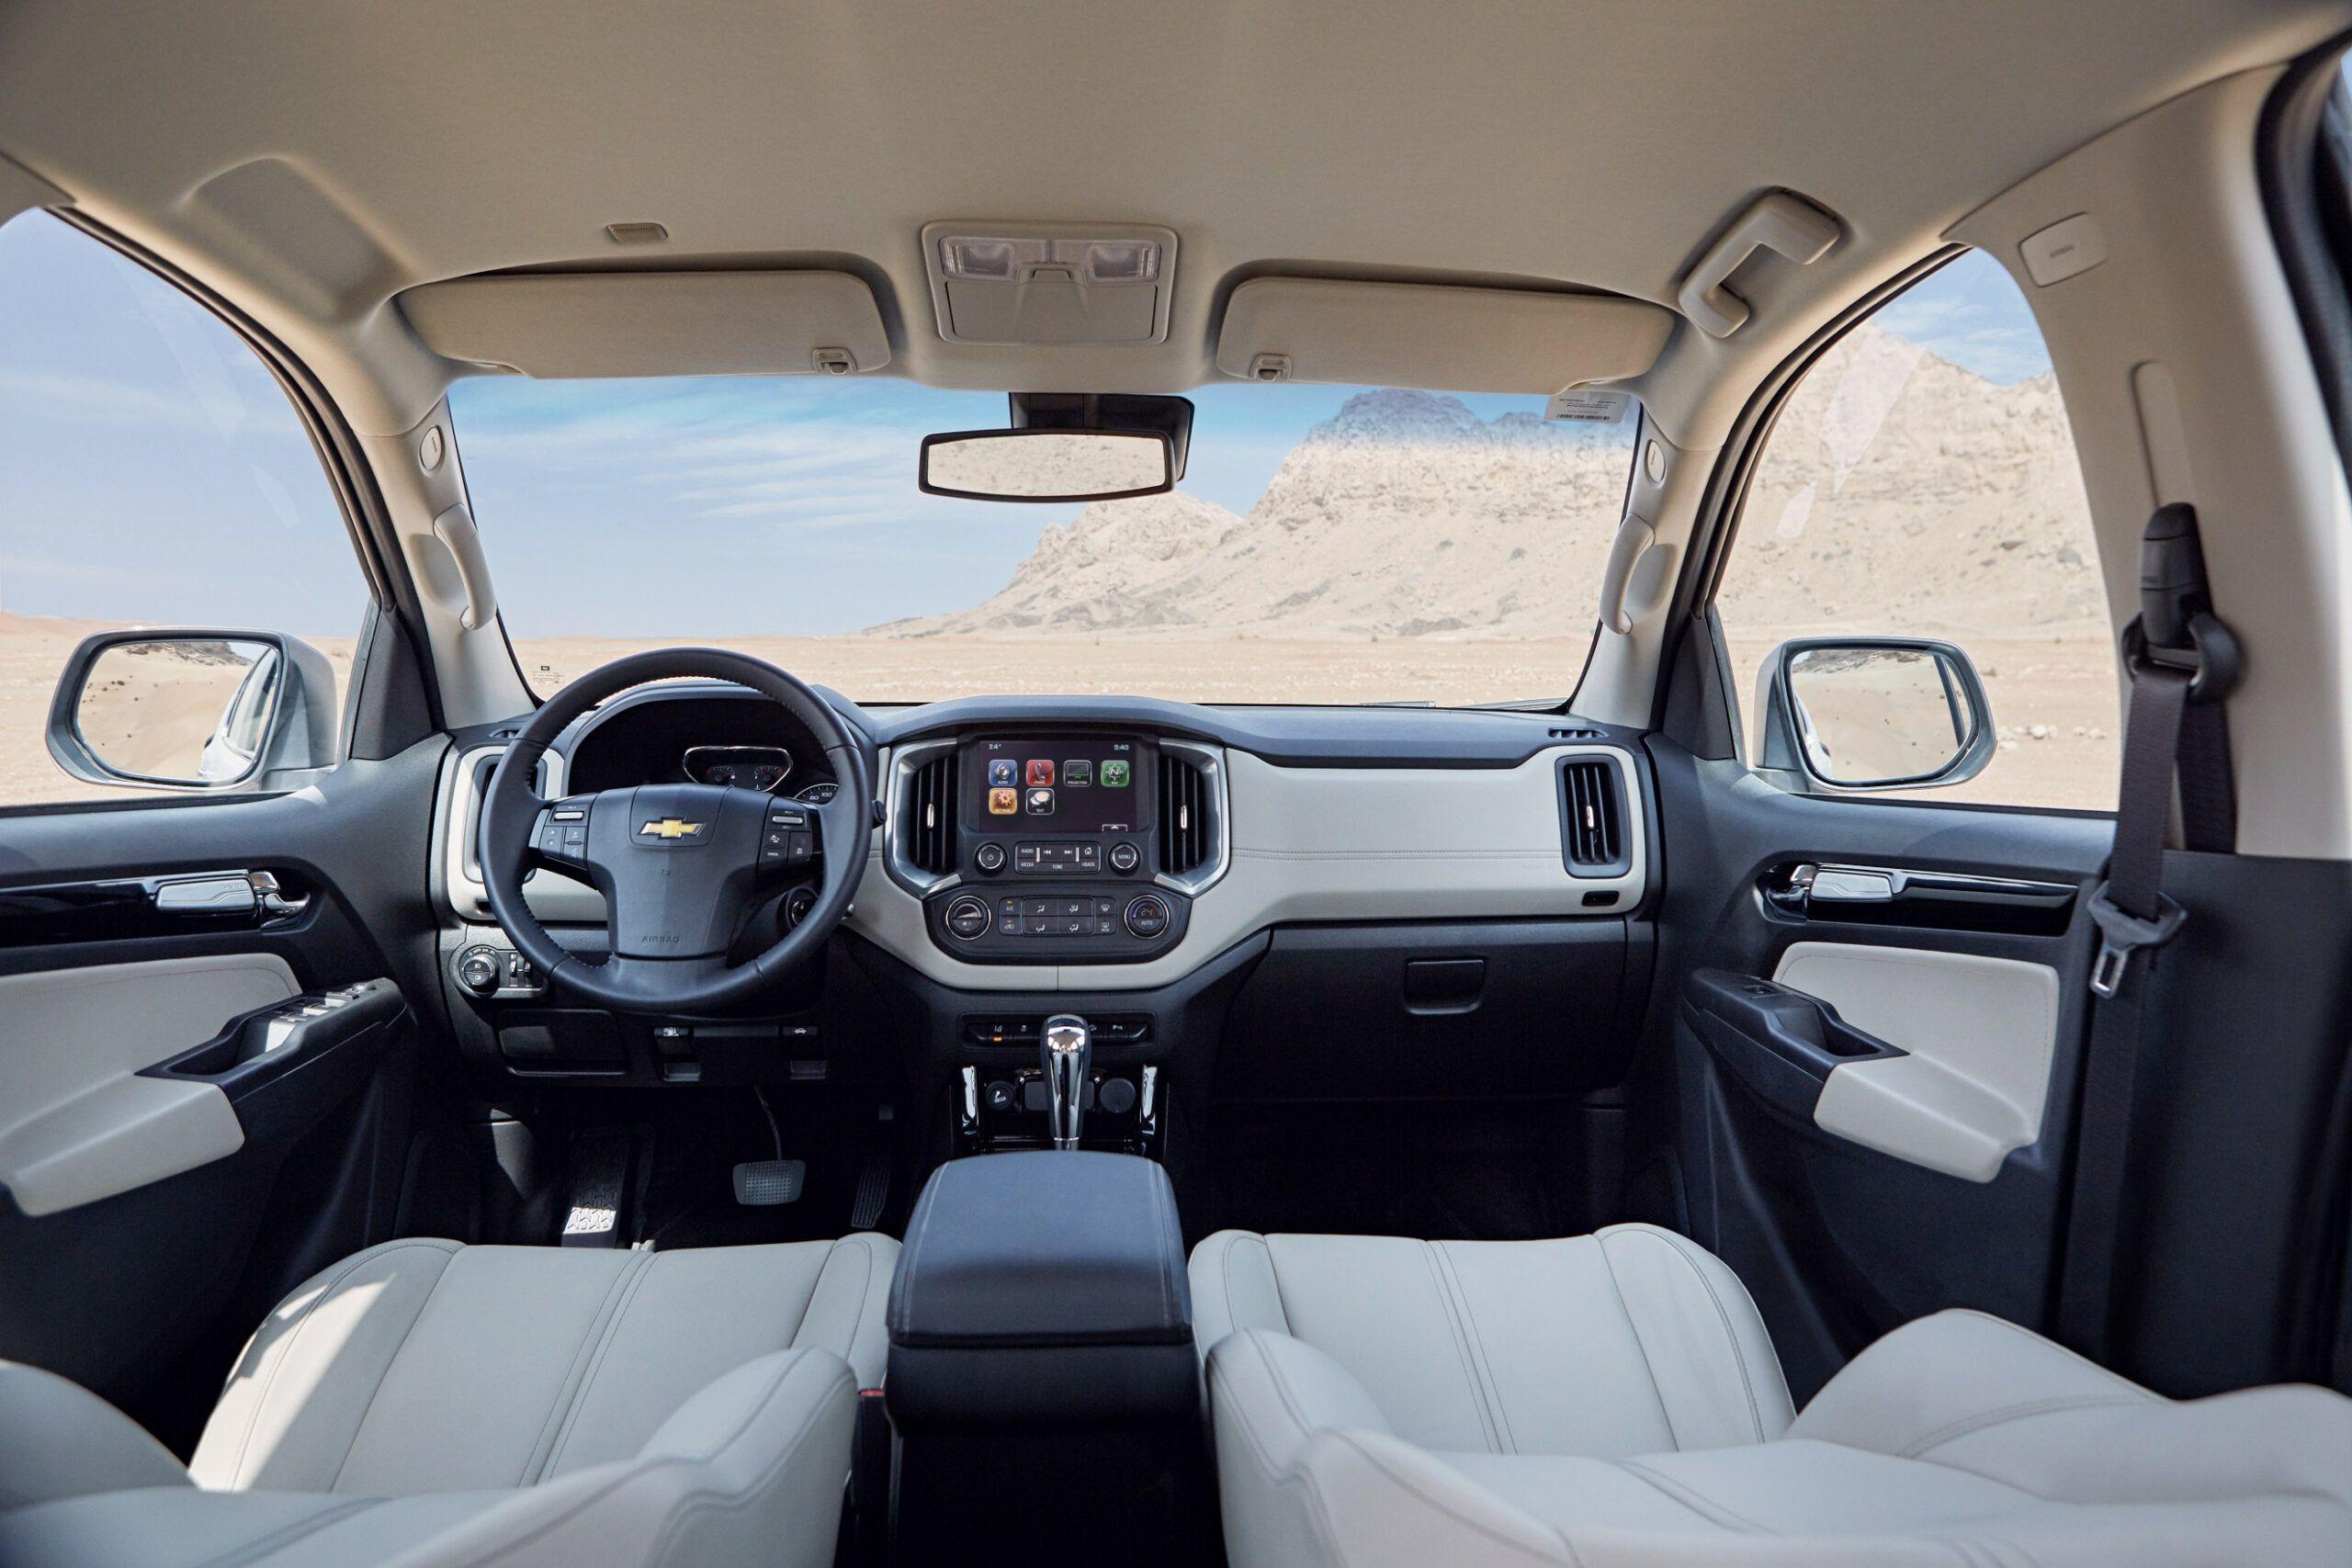 8 Image Chevrolet Blazer 2020 Ksa Entry Price 28 800price As Tested 41 595chevrolet Trailblazer 8 Price In Ksa Chevrolet Blazer 20